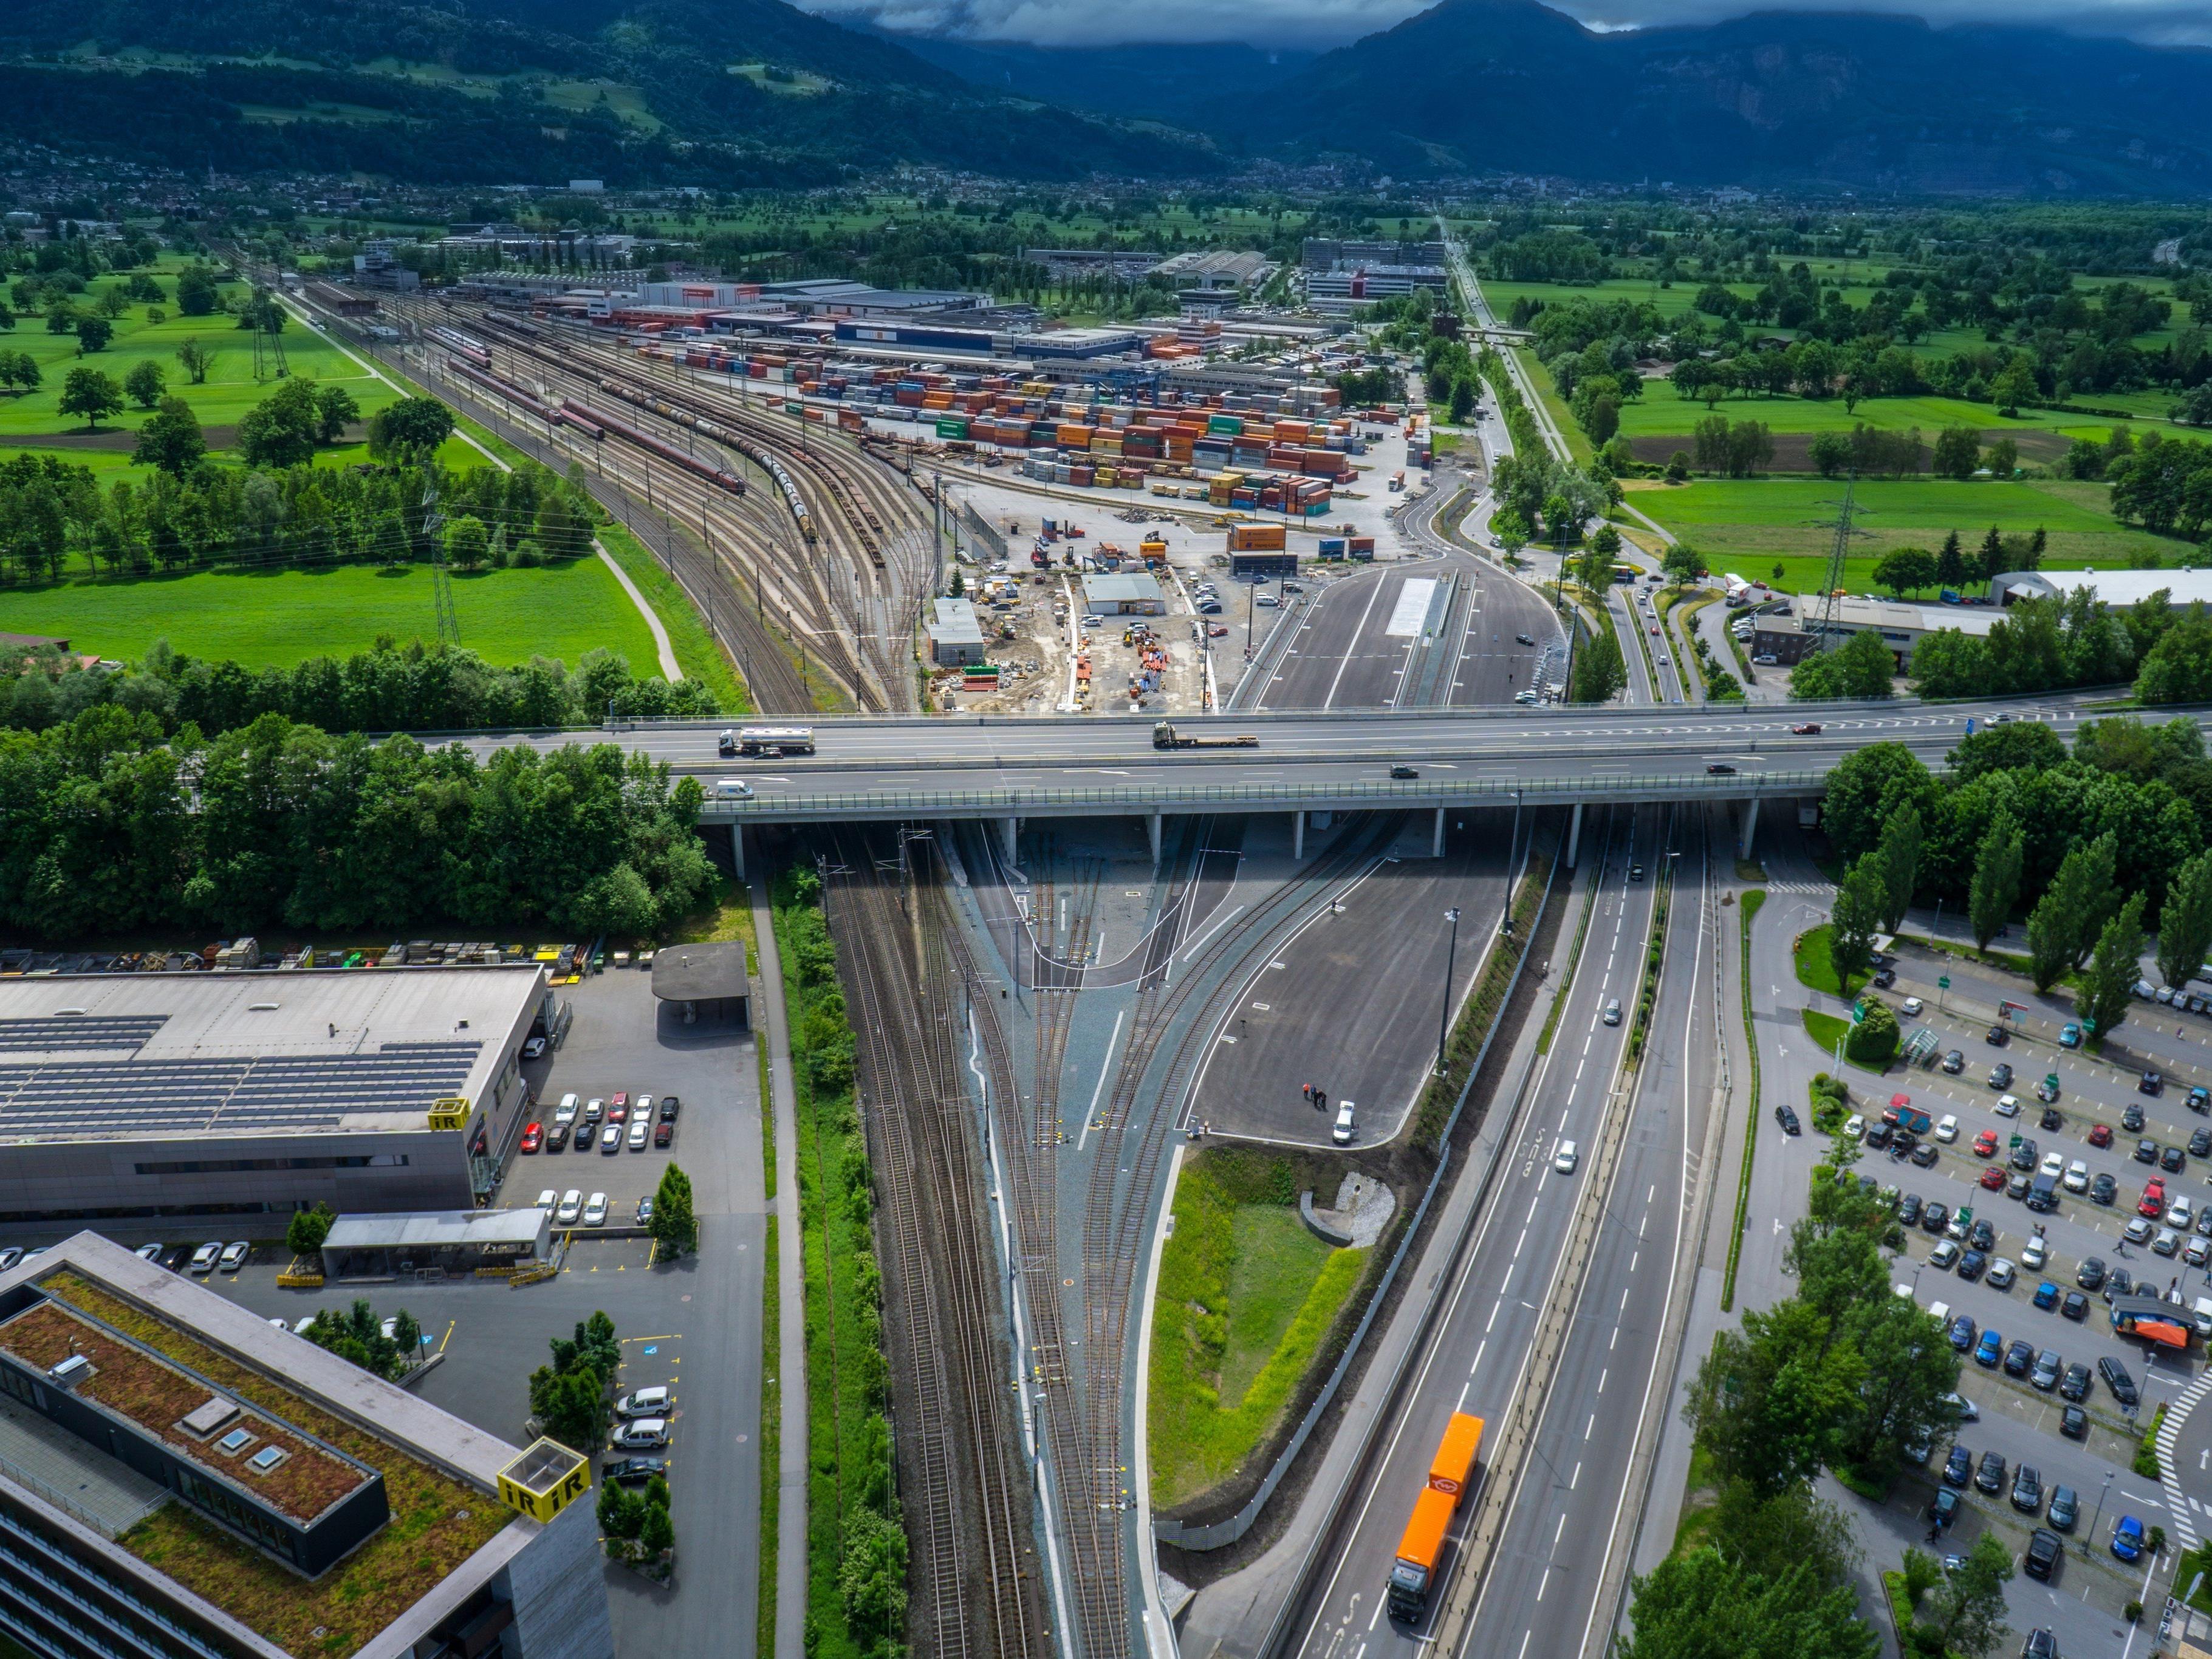 Ab 1. Juni erste moderne Anlage für Güterumschlag zwischen Lkw und Güterwaggons in Betrieb.